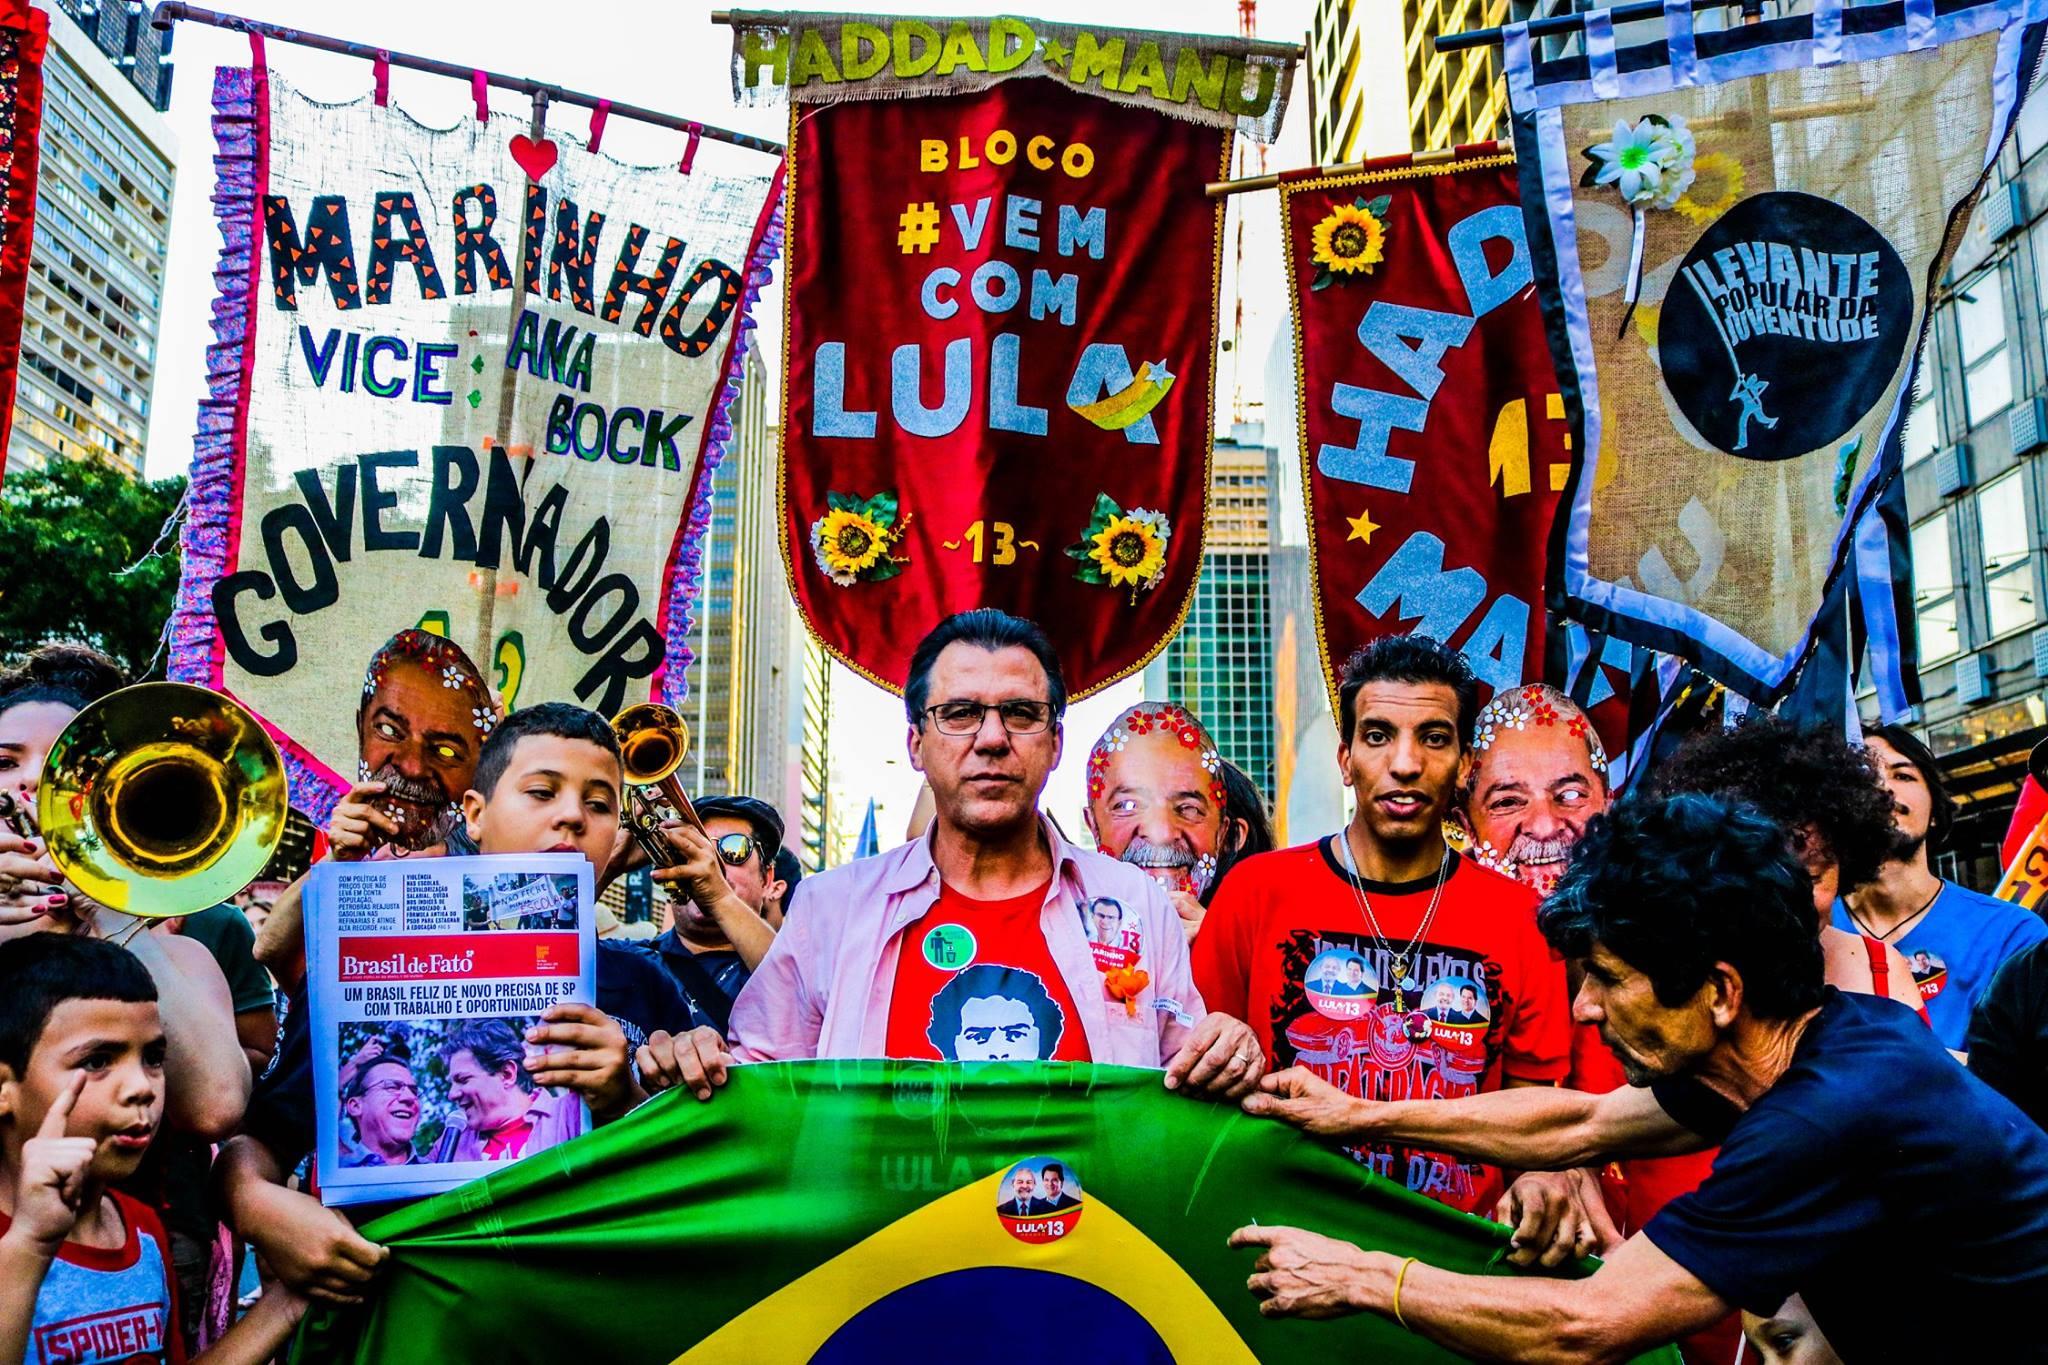 FOTO2-Bloco vem com Lula